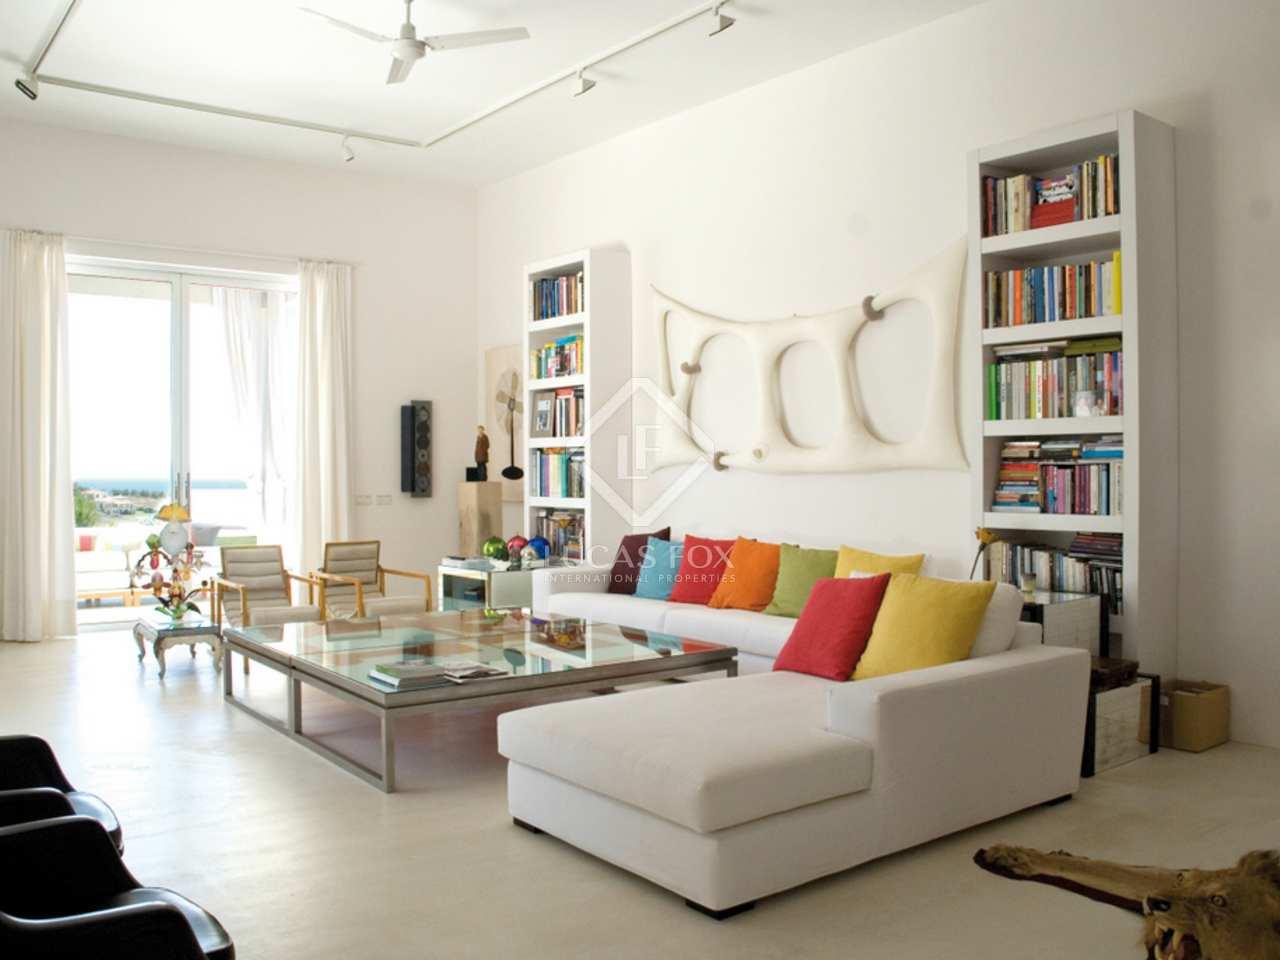 Exklusive 8 schlafzimmer villa zum verkauf in sotogrande alto - Exklusive schlafzimmer ...